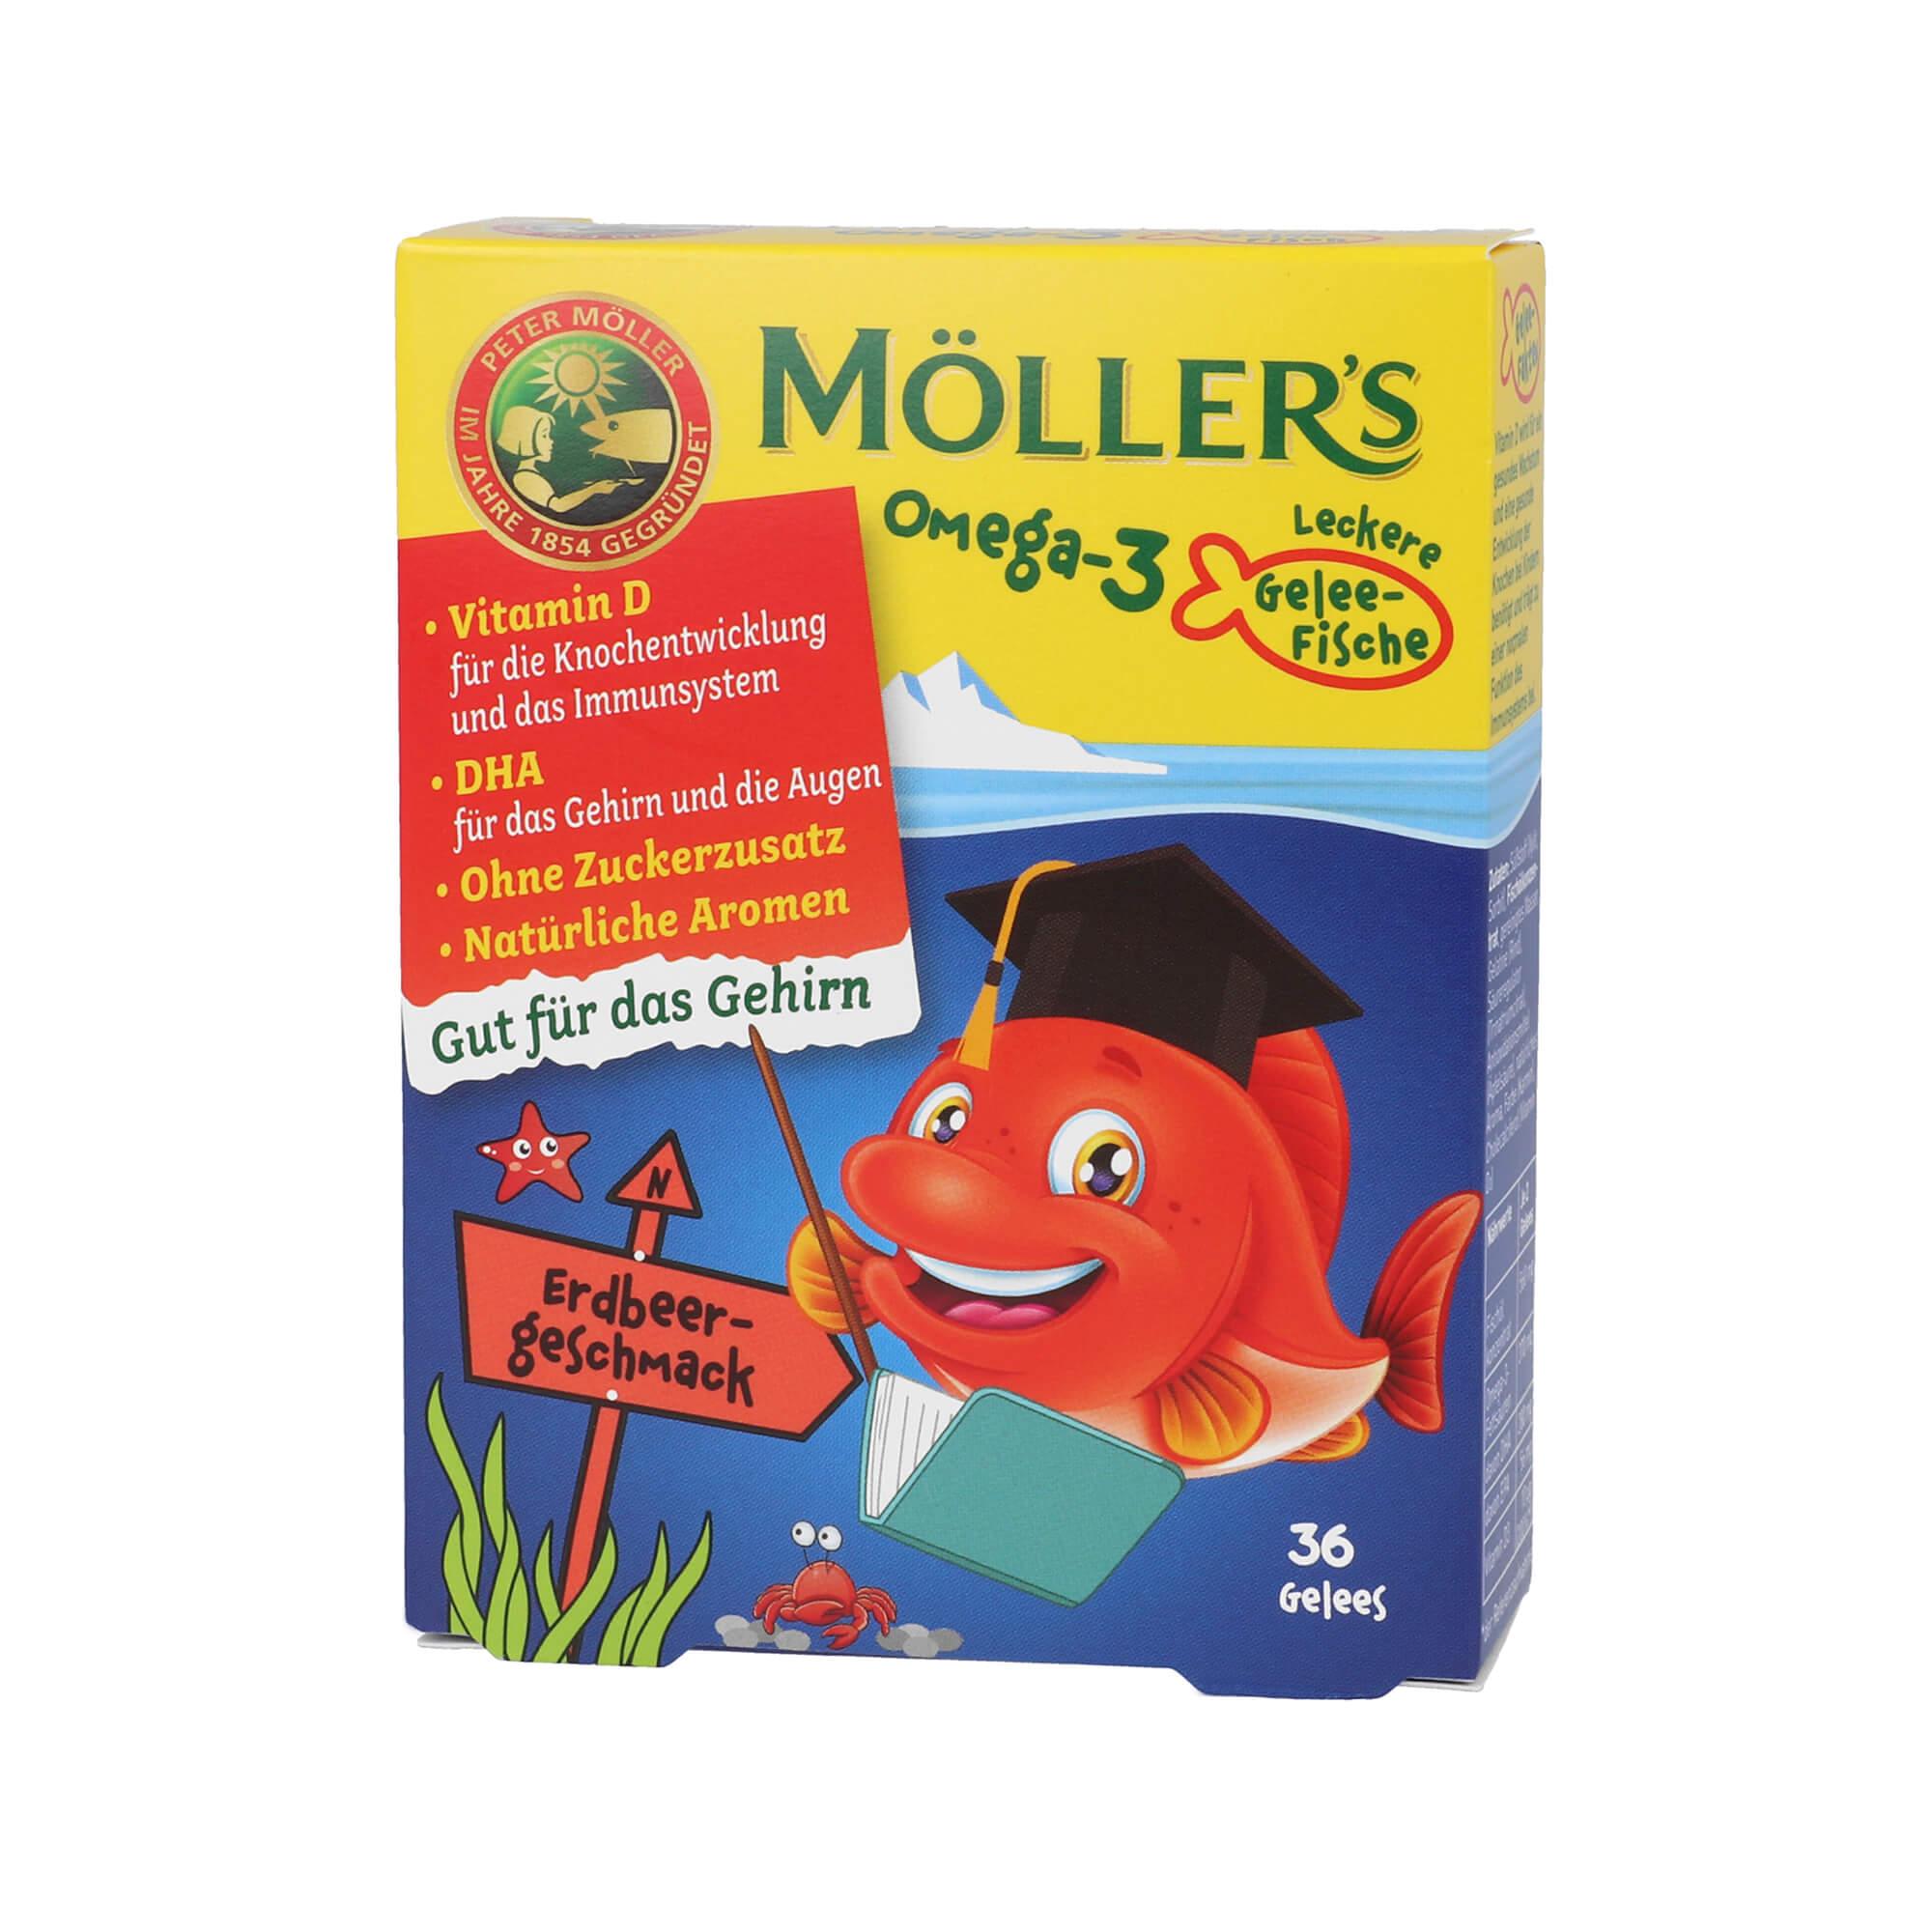 Möller's Omega-3 Gelee-Fische